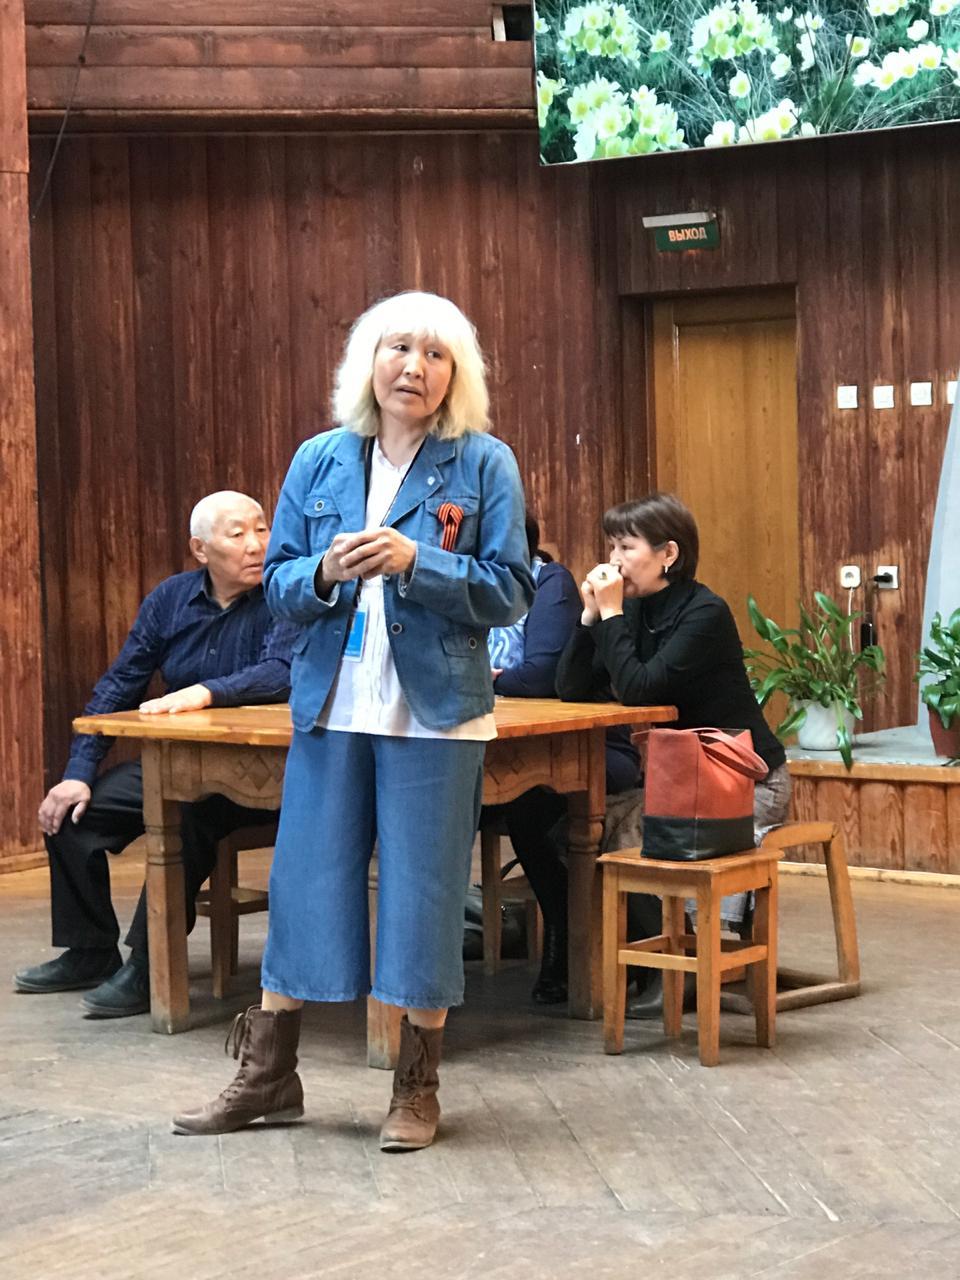 Общественник Елизавета ГАВРИЛЬЕВА дойду Төрүт сокуонун уларытары утарыахха диэн ыҥырар